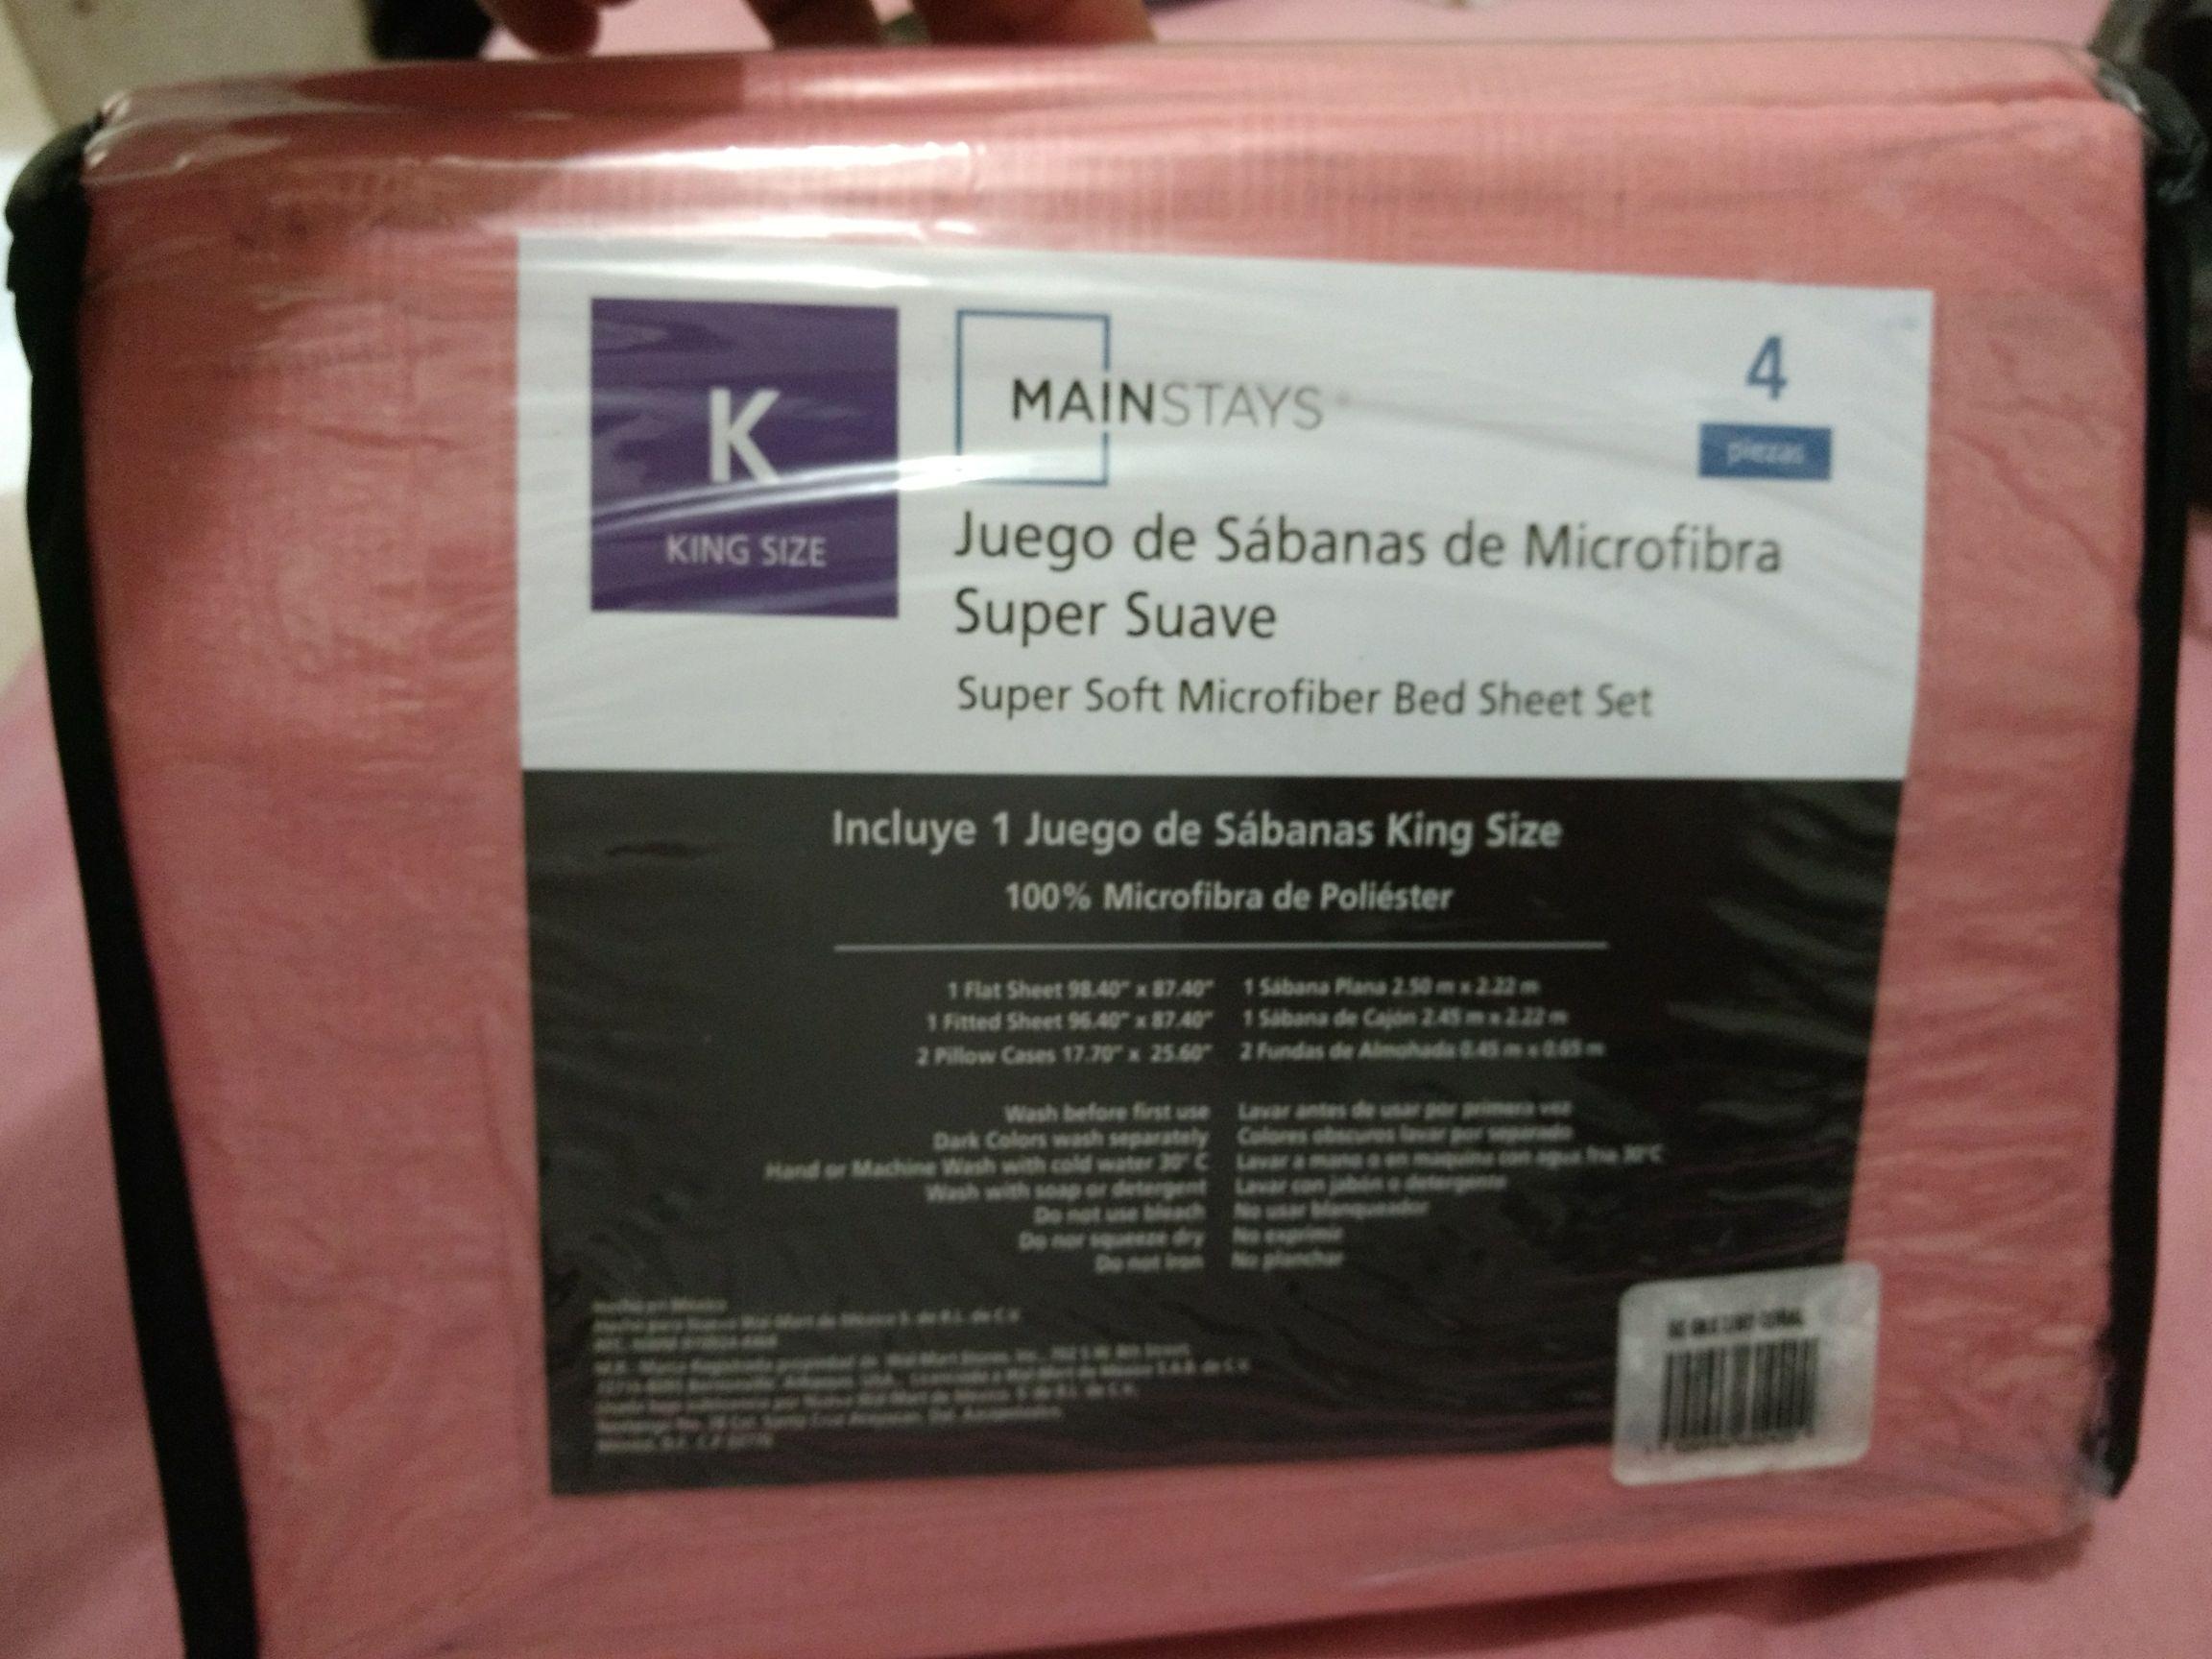 Walmart tres ríos: Sábanas king size $33.01